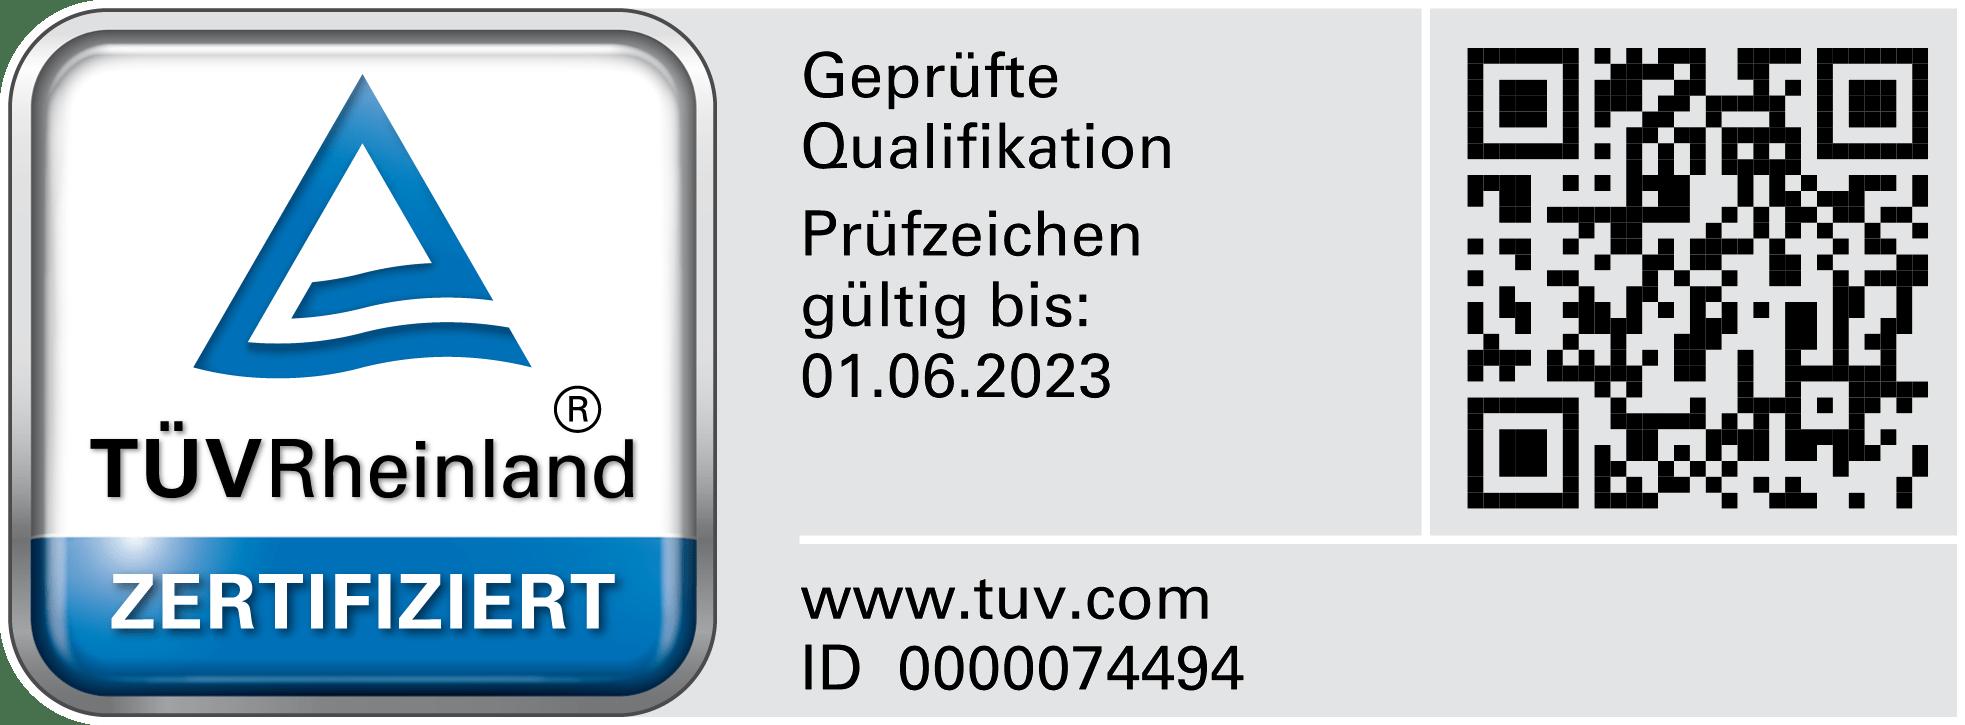 Bernd Roebers | TÜV-zertifizierter Notfallmanager